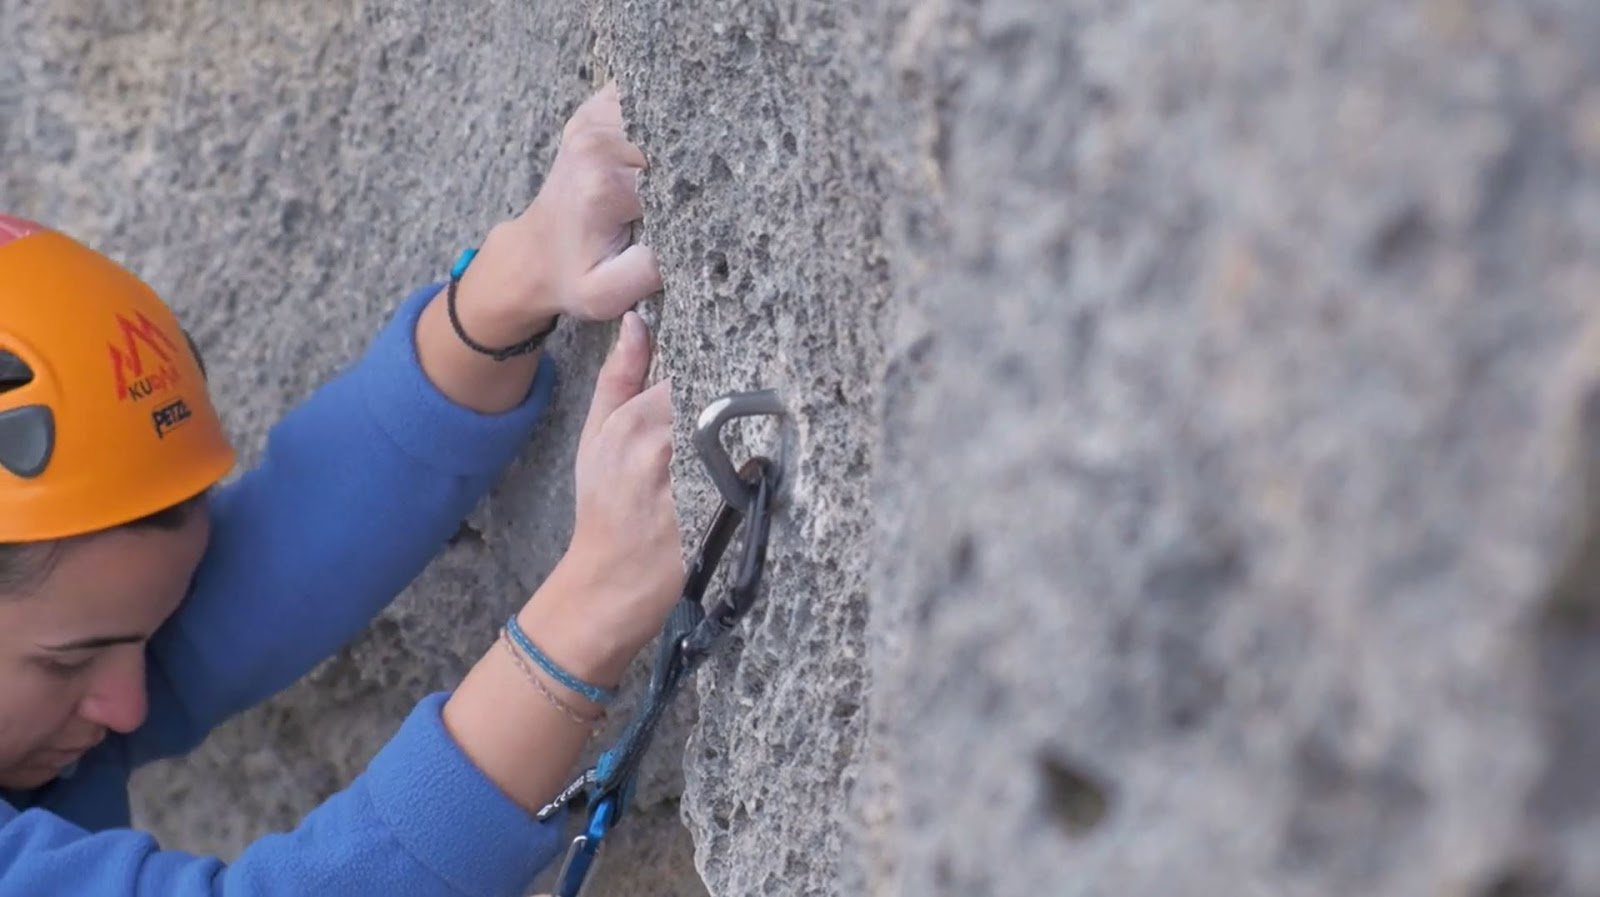 kaya tırmanışı teknikleri yaslanmak laybacking